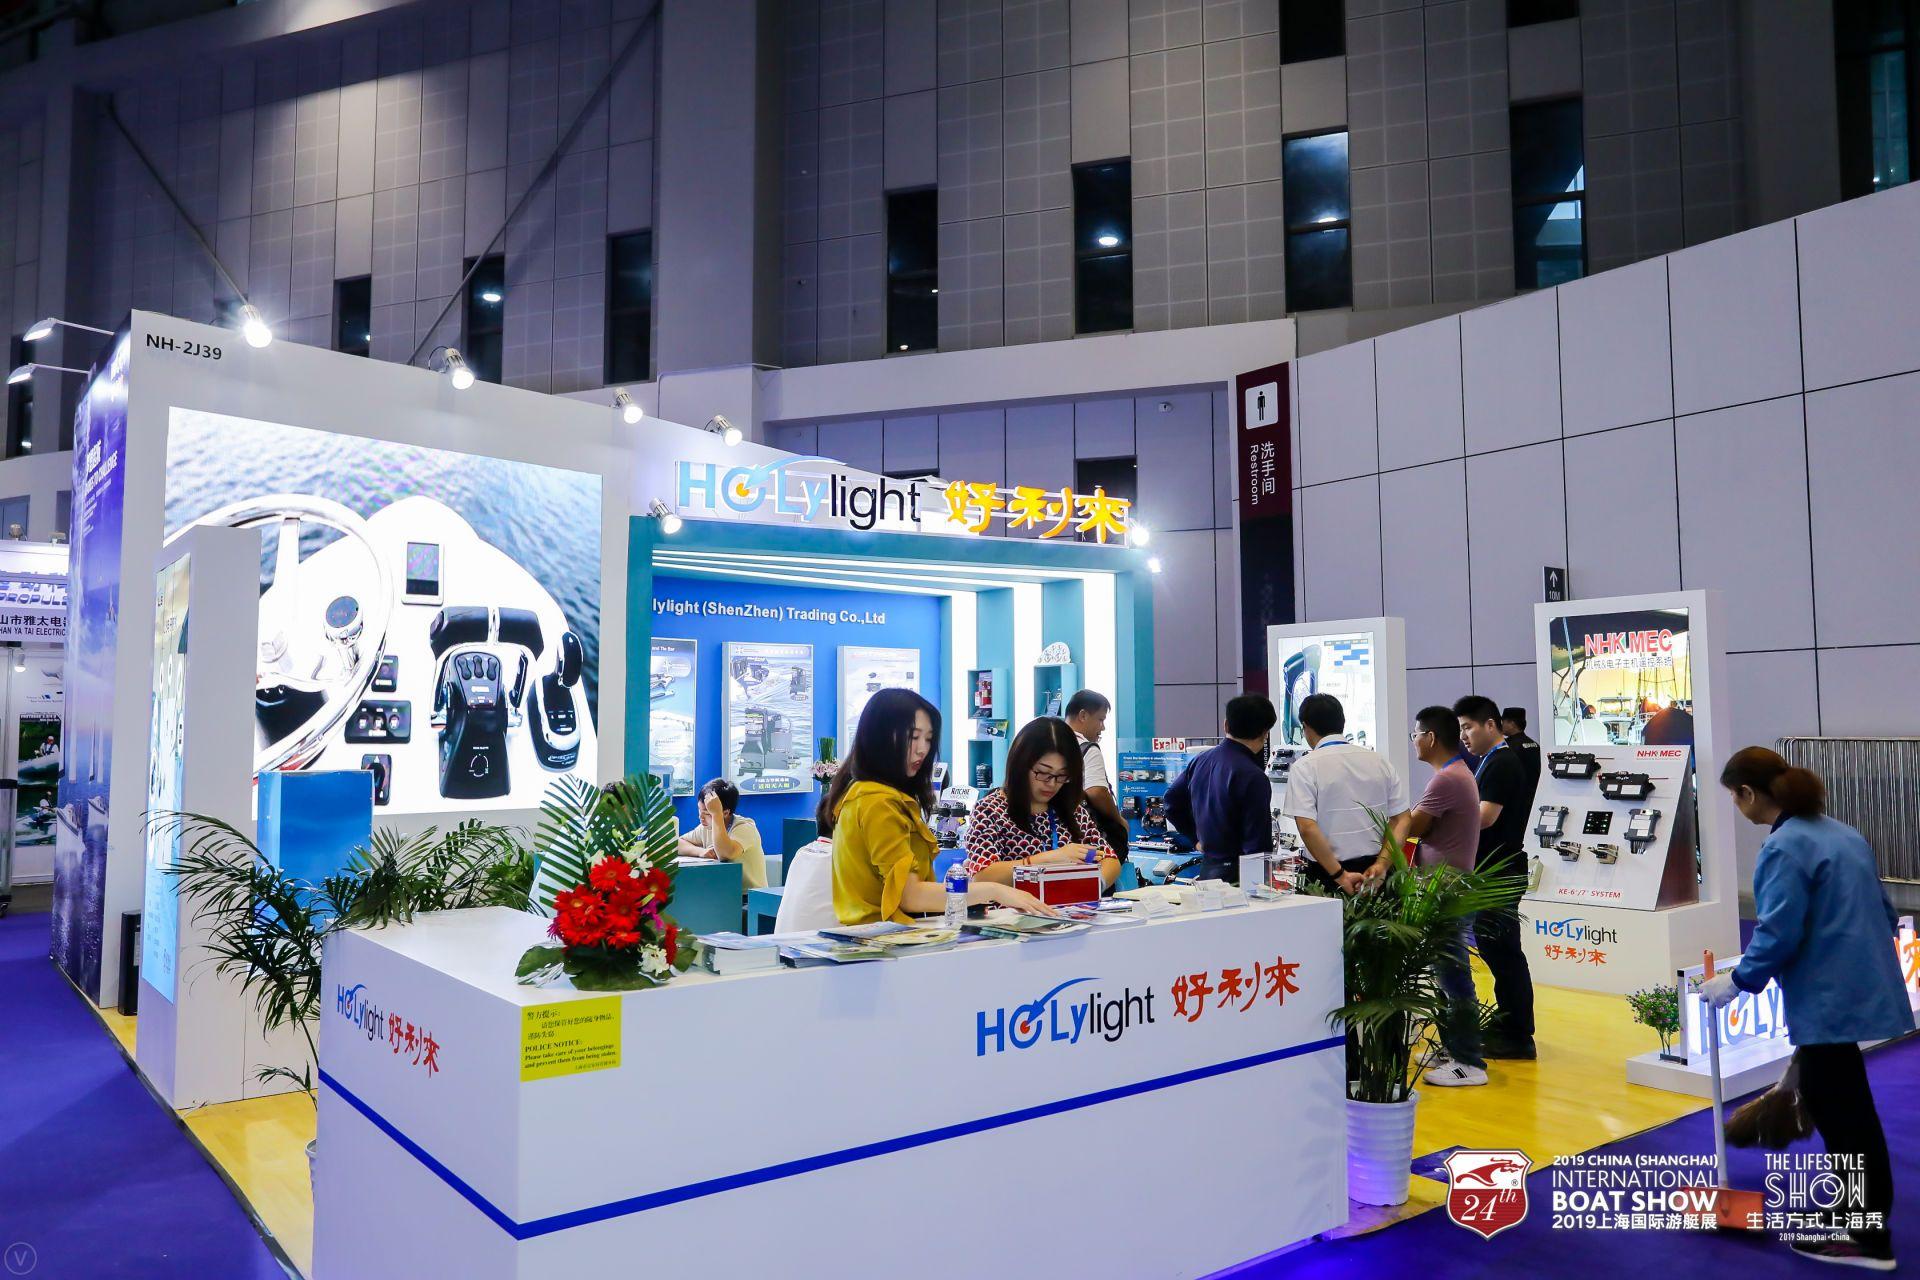 2019上海展2-vbox7163_AK4A6721_140930_small